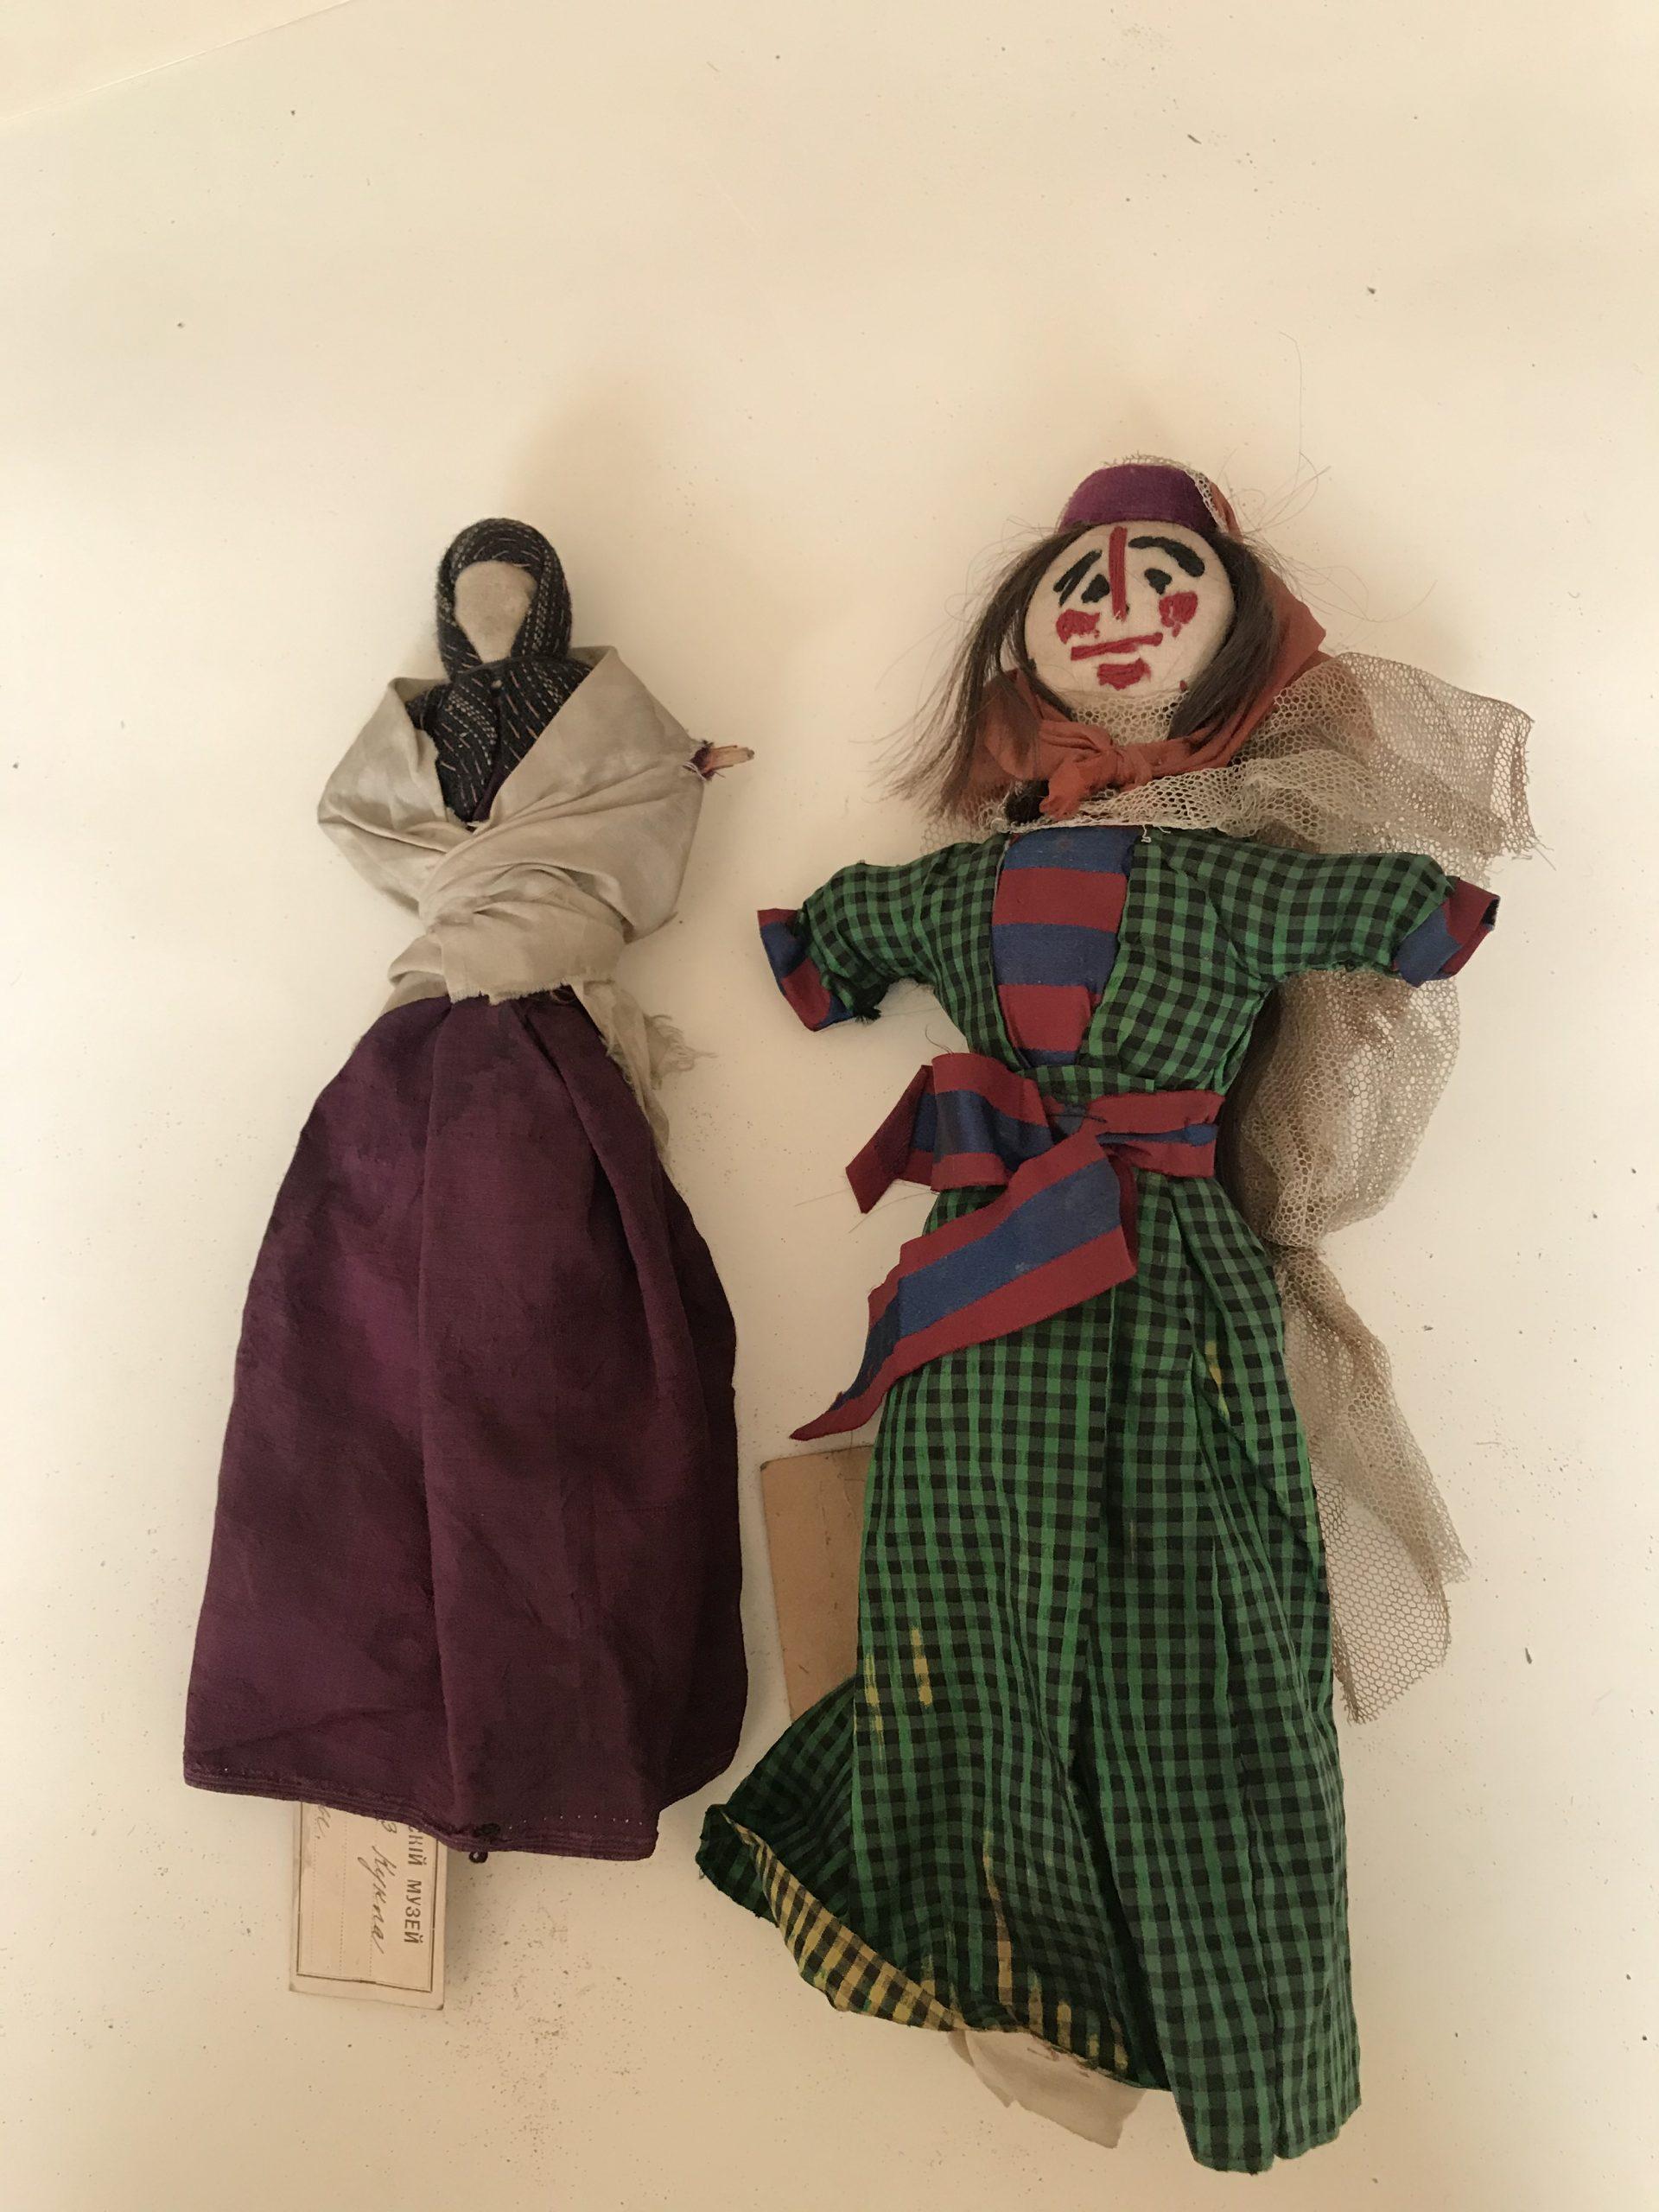 image00019 scaled Другая SOVA Гулико Квантидзе, игрушки, история, Национальный музей Грузии